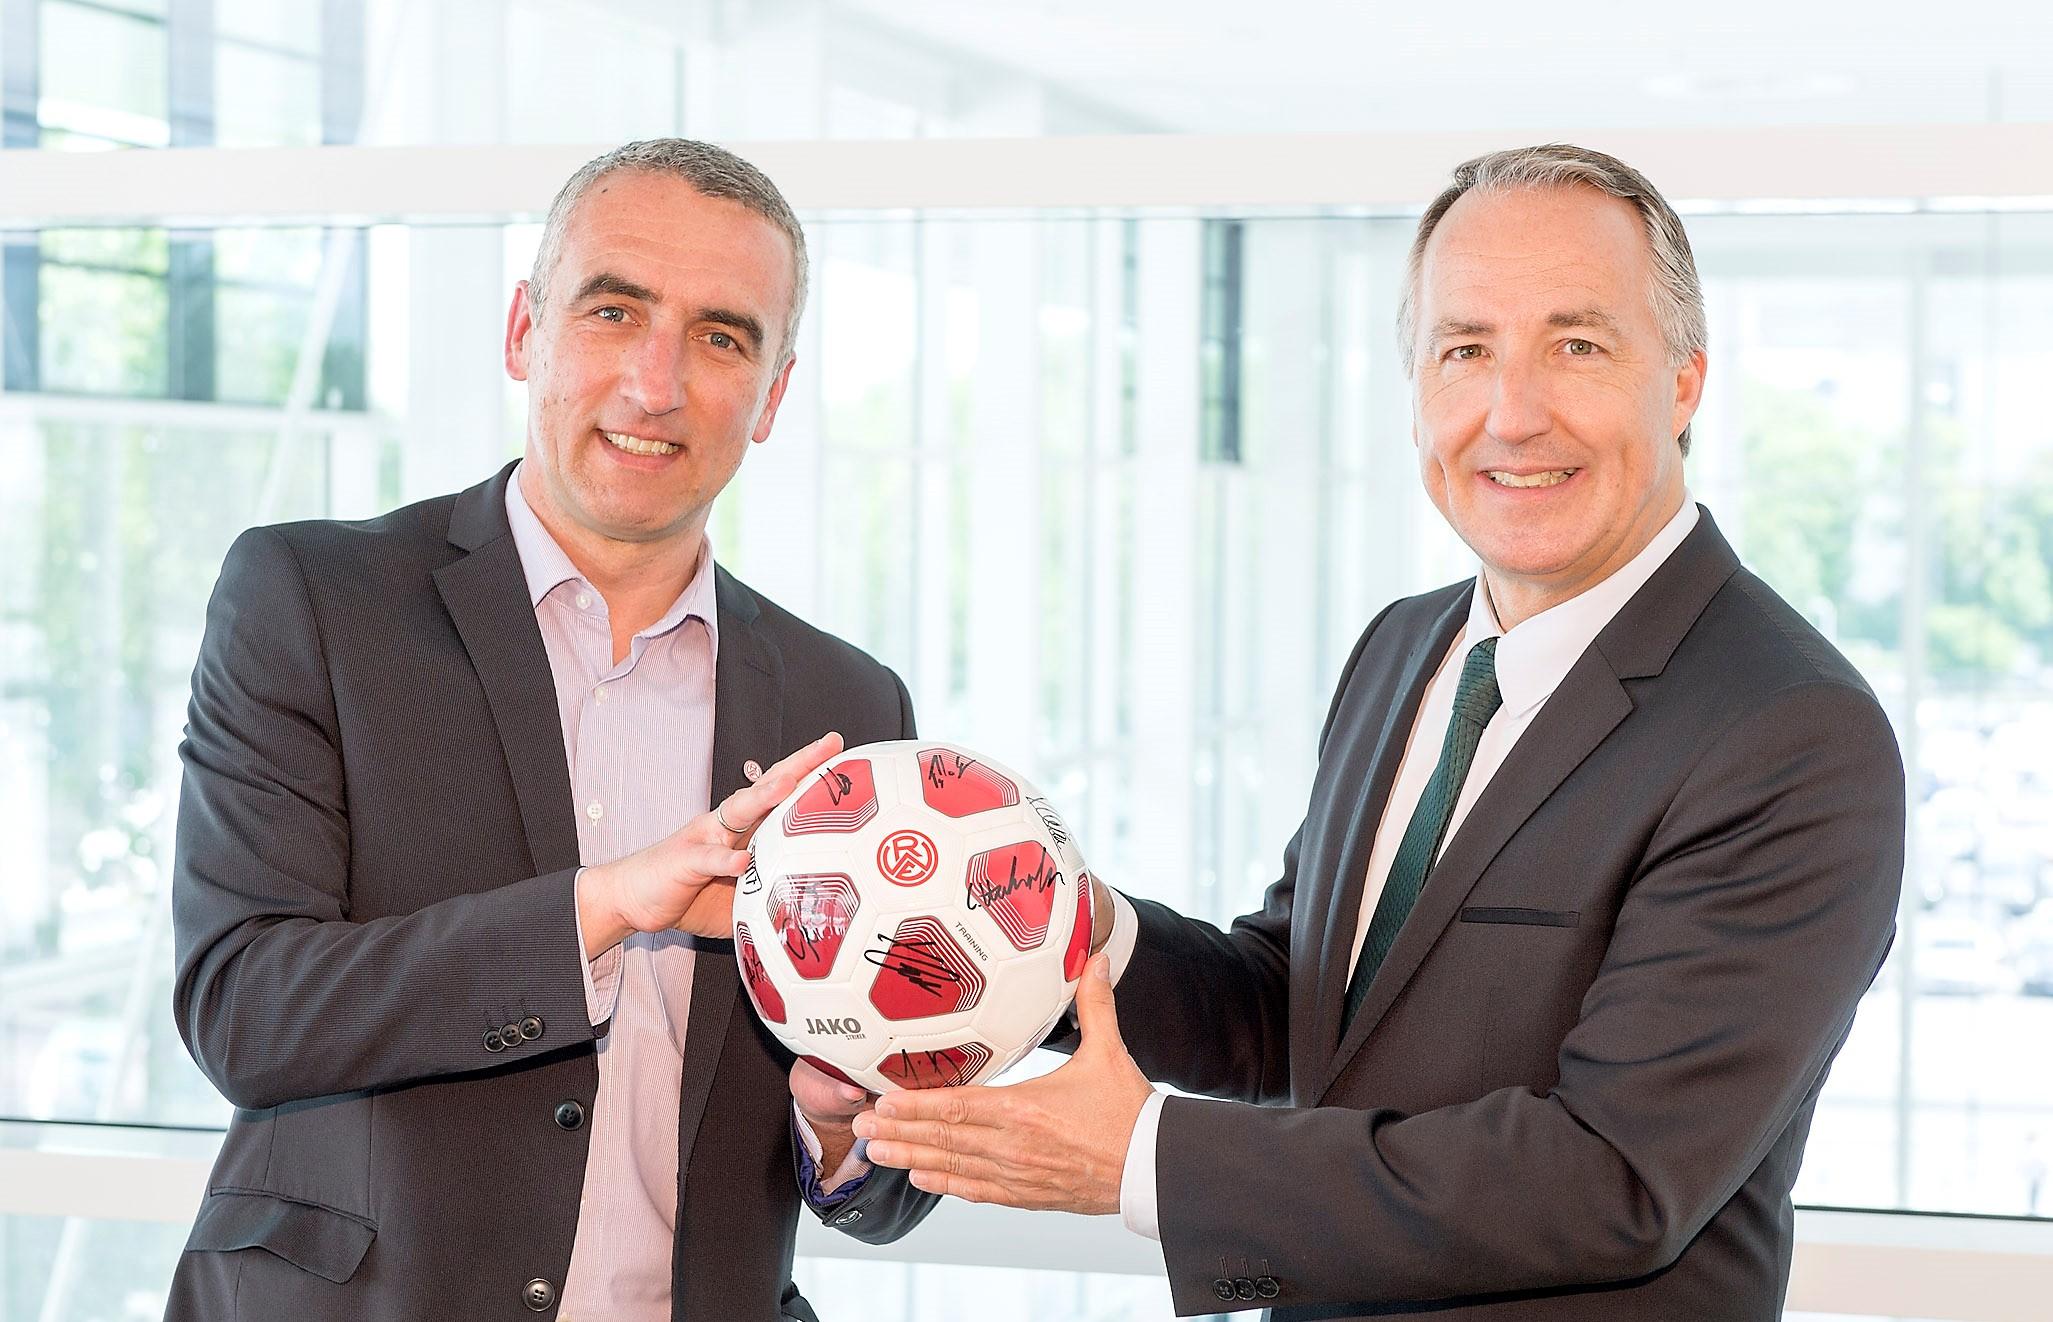 Weiterhin gemeinsam am Ball: Marcus Uhlig und Oliver P. Kuhrt freuen sich über die Premium Partnerschaft von Rot-Weiss Essen und der Messe Essen zur neuen Saison. (Foto: Rainer Schrimm/Messe Essen)